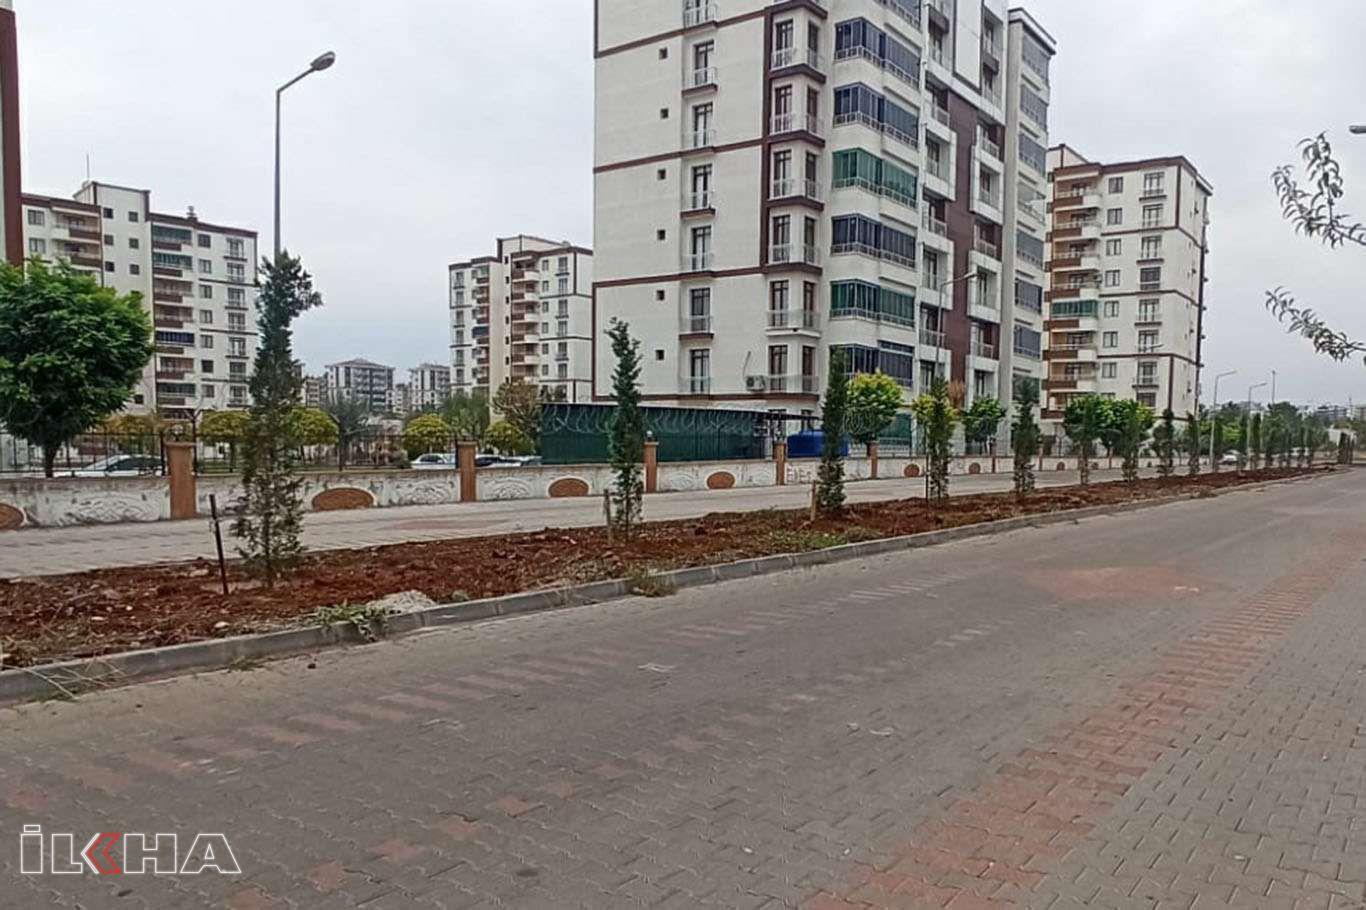 Bağlar Belediyesi, Bağcılar mahallesinde refüj ve ağaçlandırma çalışmalarını tamamladı